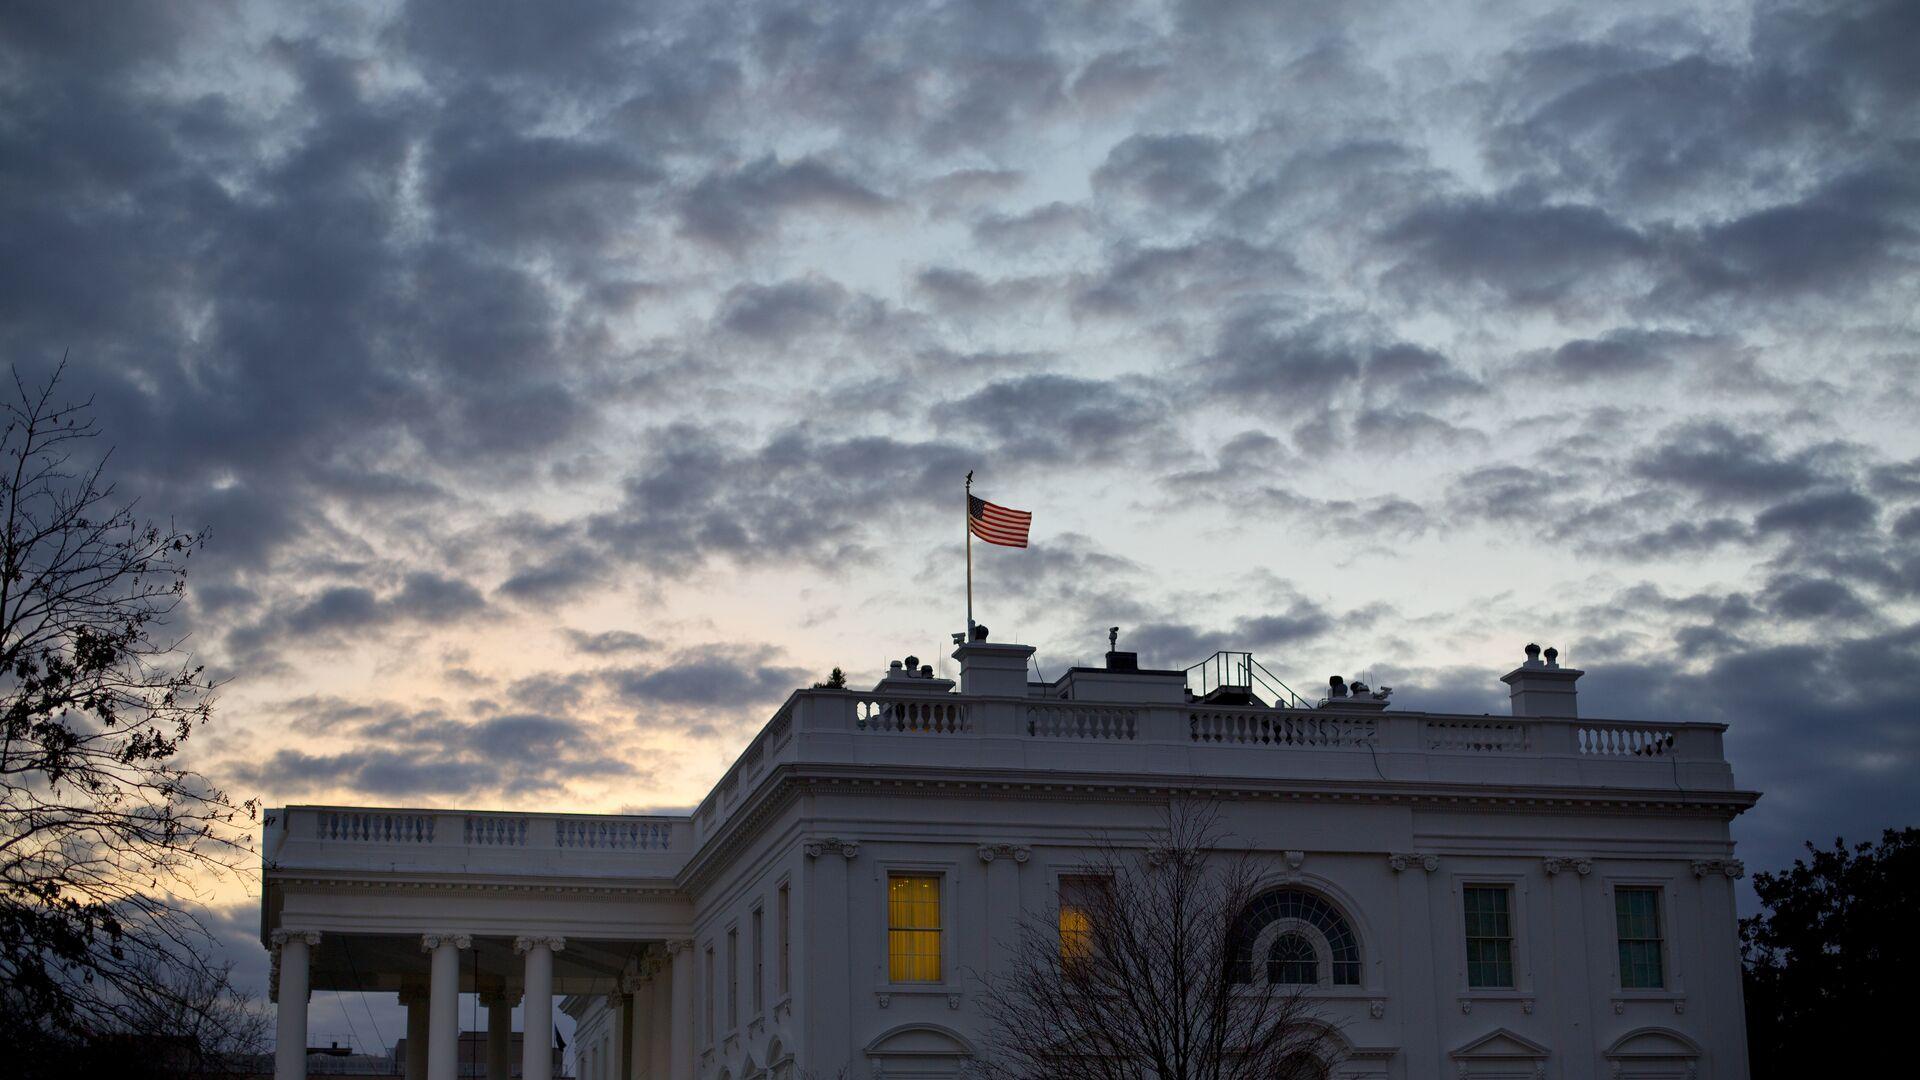 Здание Белого дома в Вашингтоне, США - РИА Новости, 1920, 02.03.2021